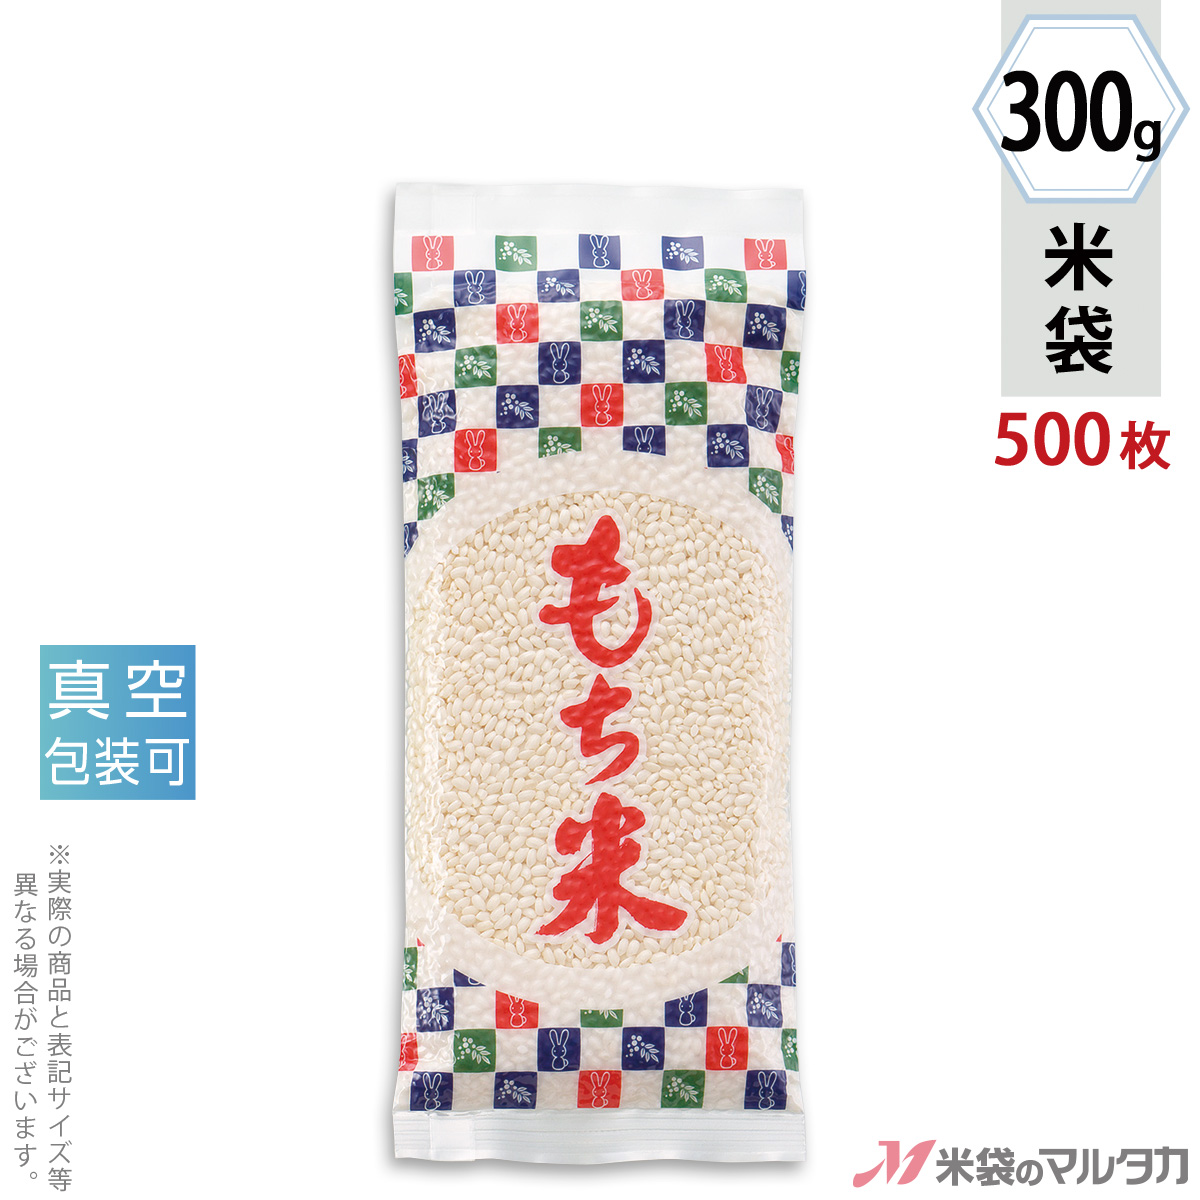 米袋 真空合掌貼り 平袋 ラミ もち米 うさぎと格子 300g用(2合) 1ケース(500枚入) VTN-410